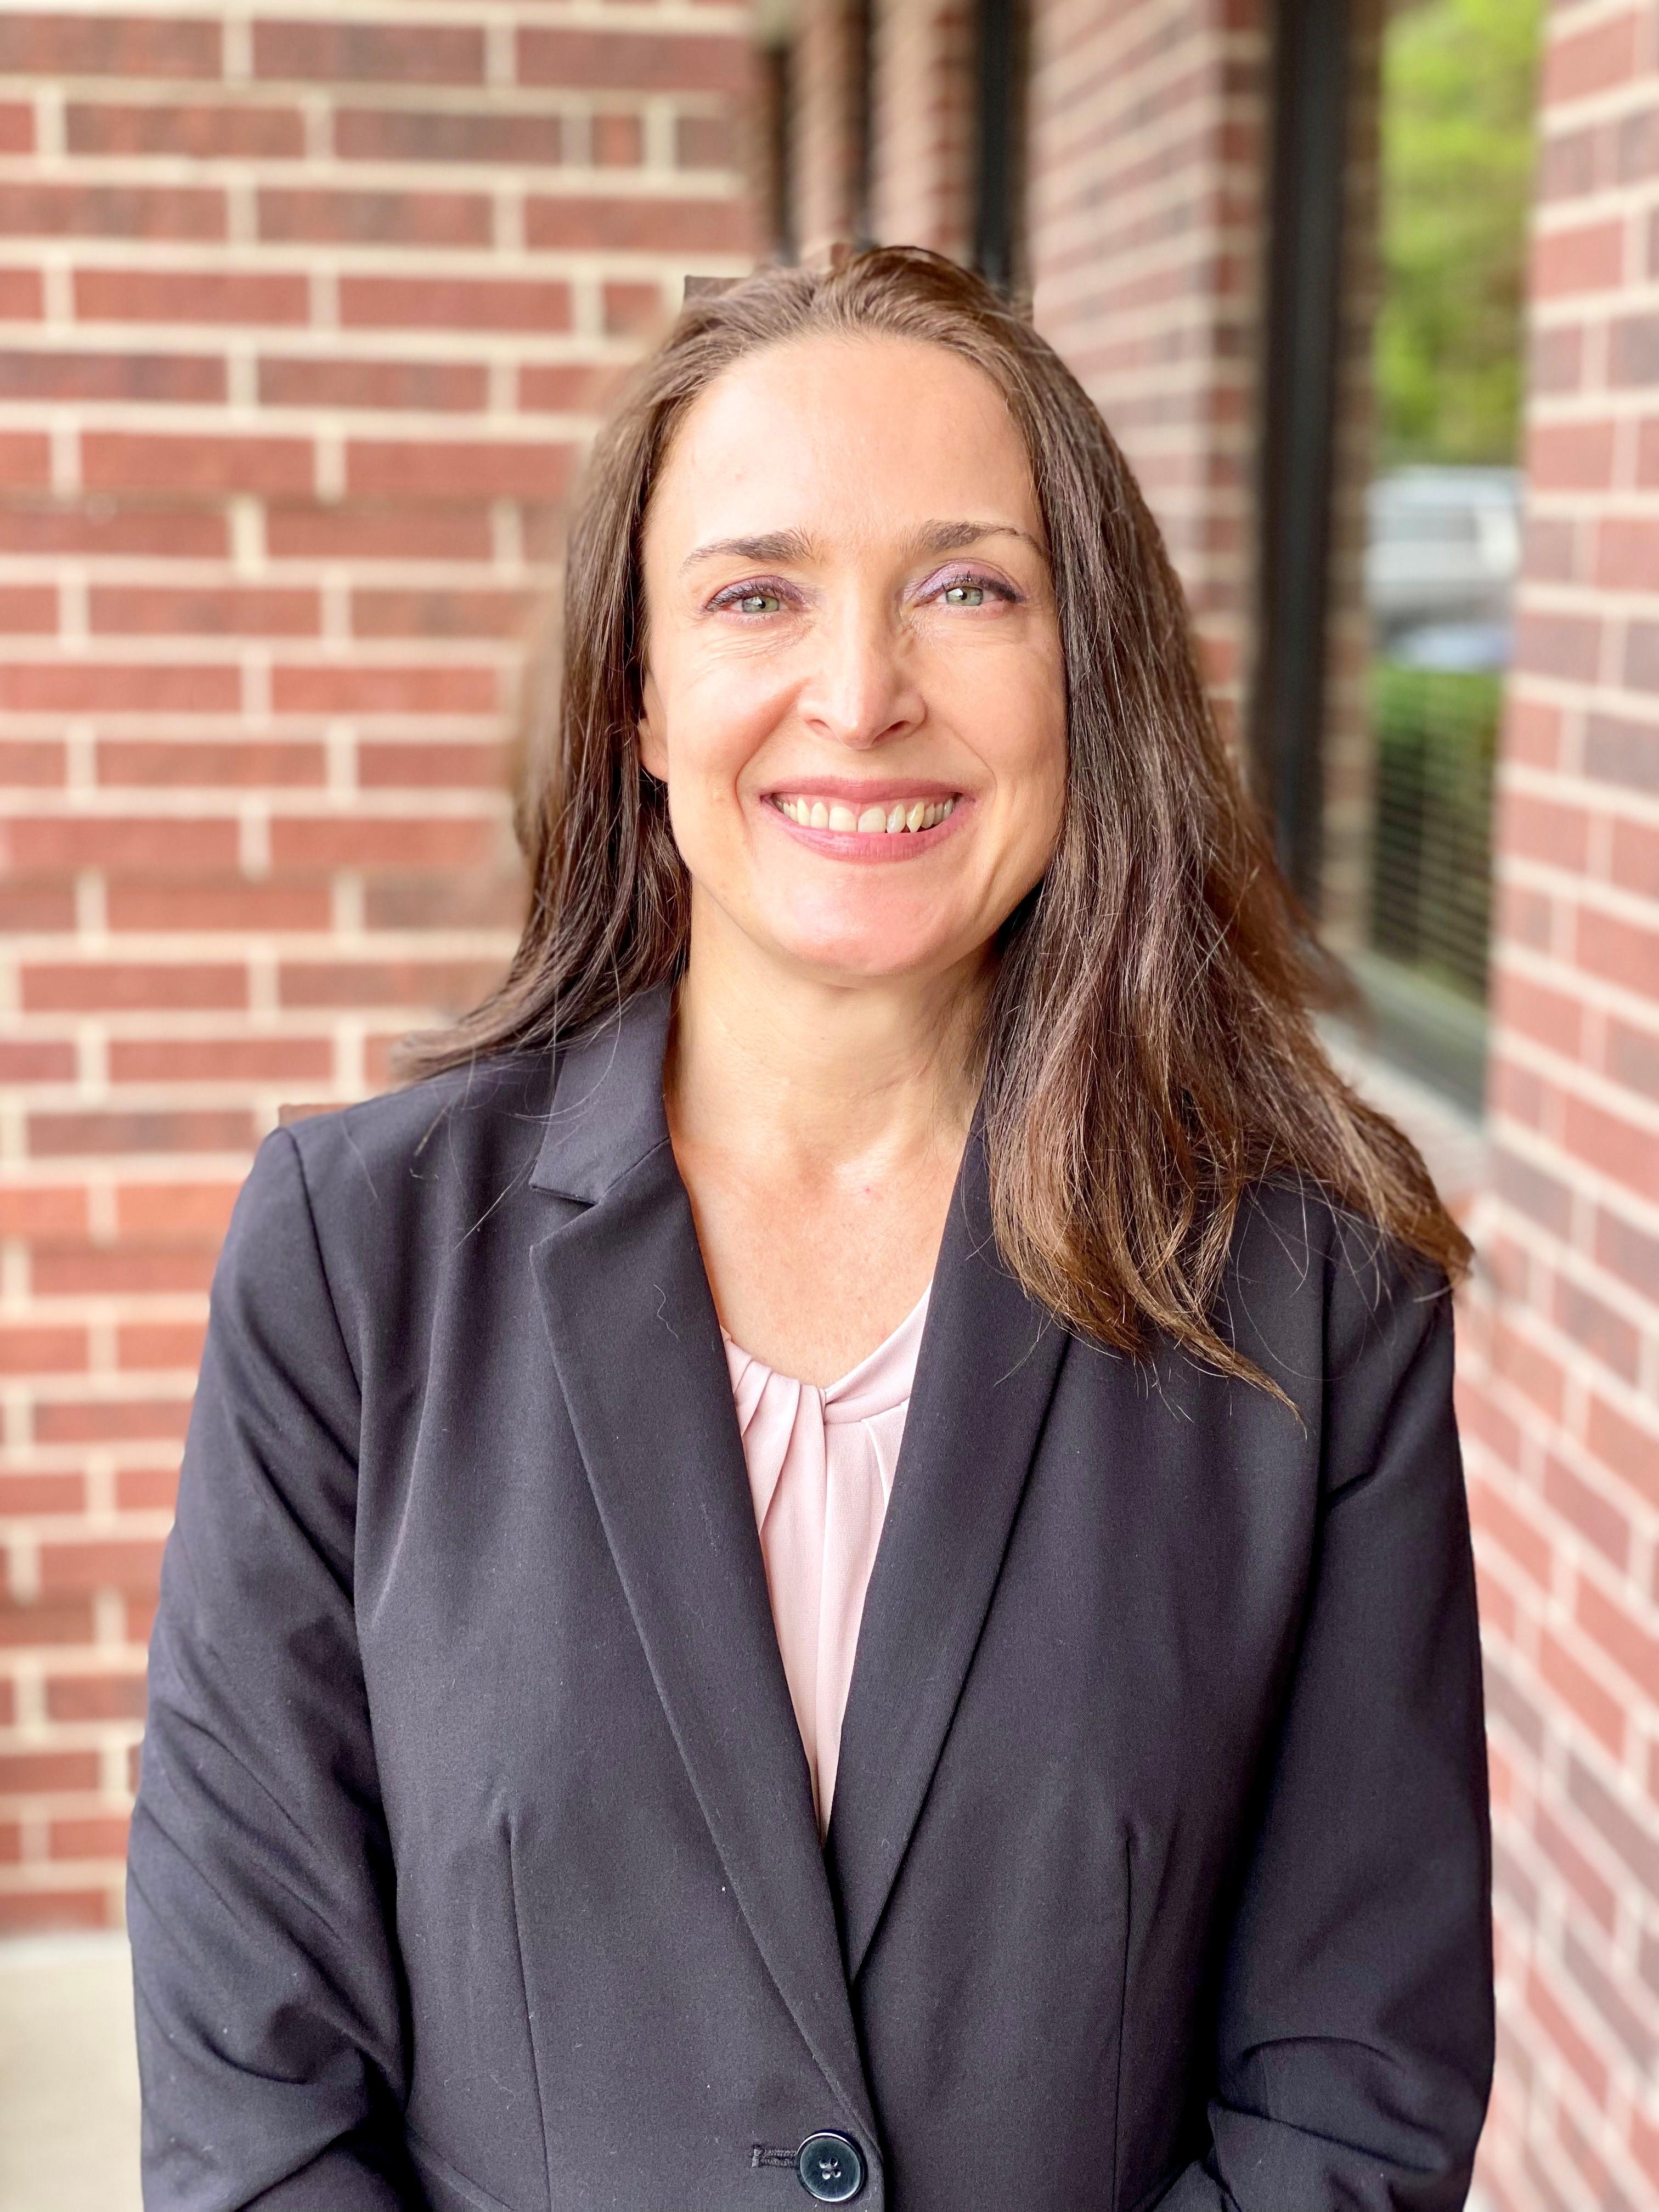 Laura Casper-Teague